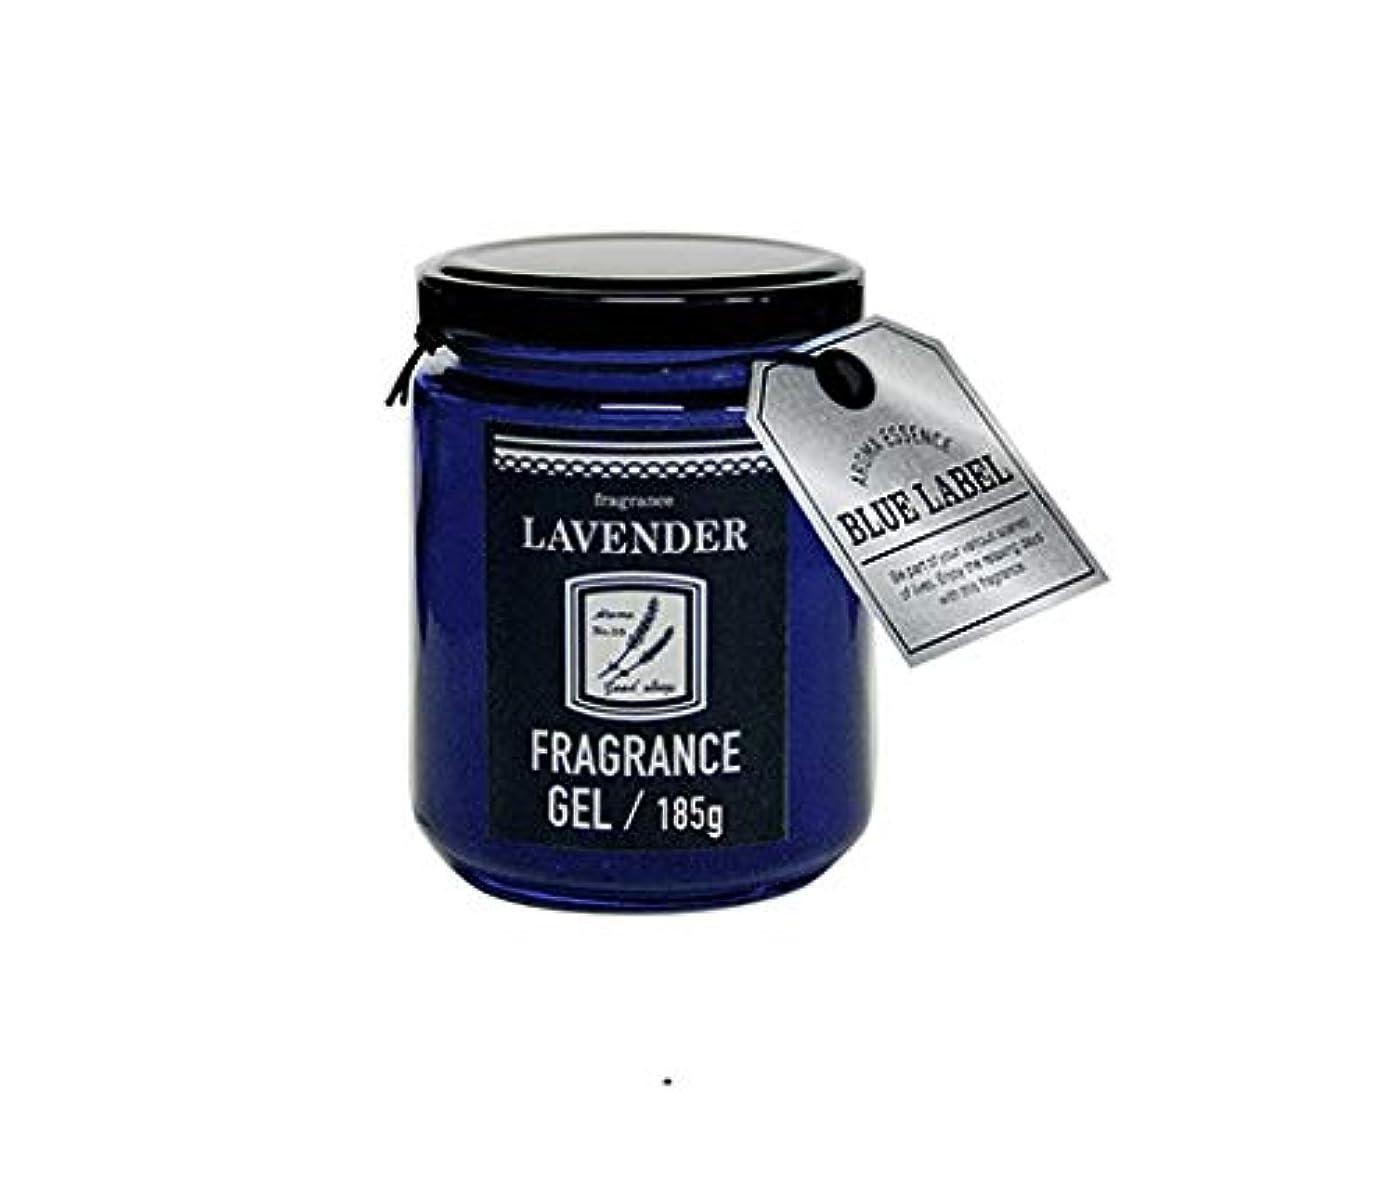 本物の経験者バイオレットアロマエッセンスブルーラベル フレグランスジェル185g ラベンダー(消臭除菌 日本製 心落ち着ける香り)